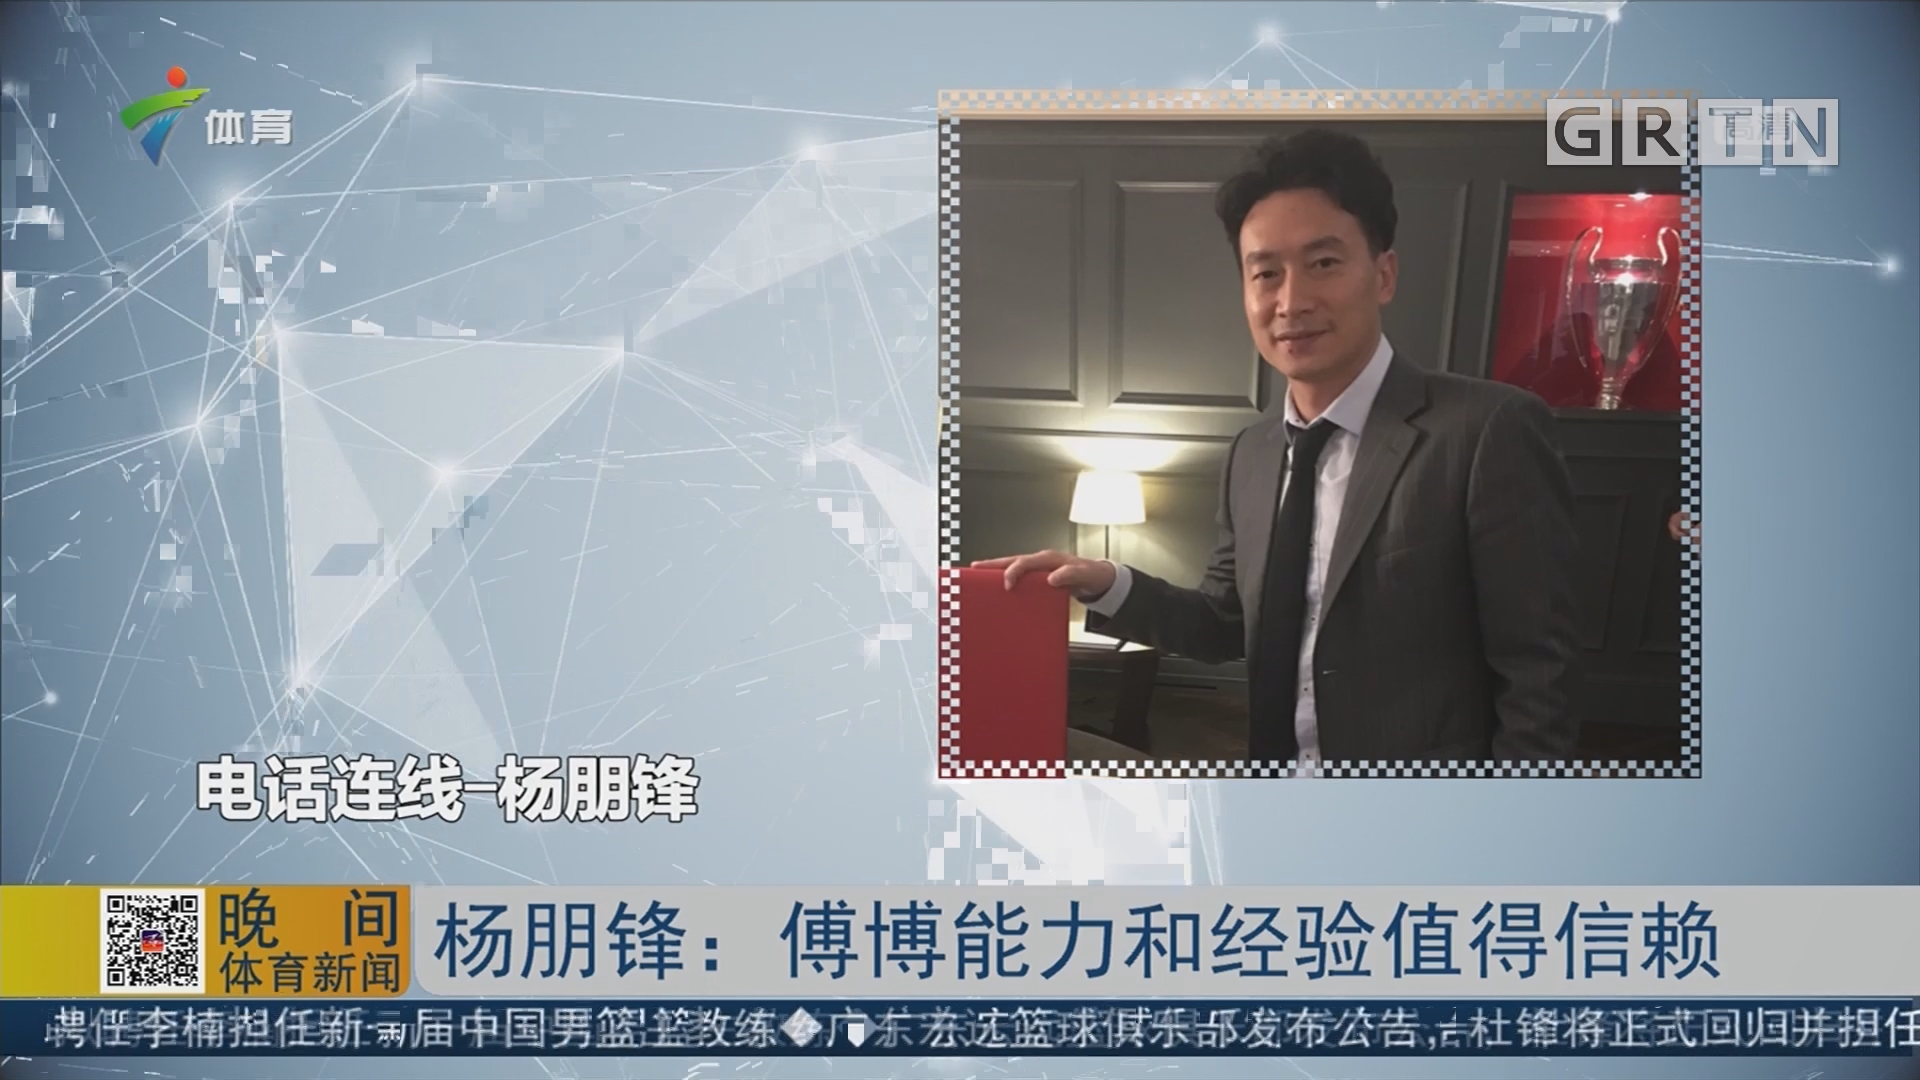 杨朋锋:博博能力和经验值得信赖